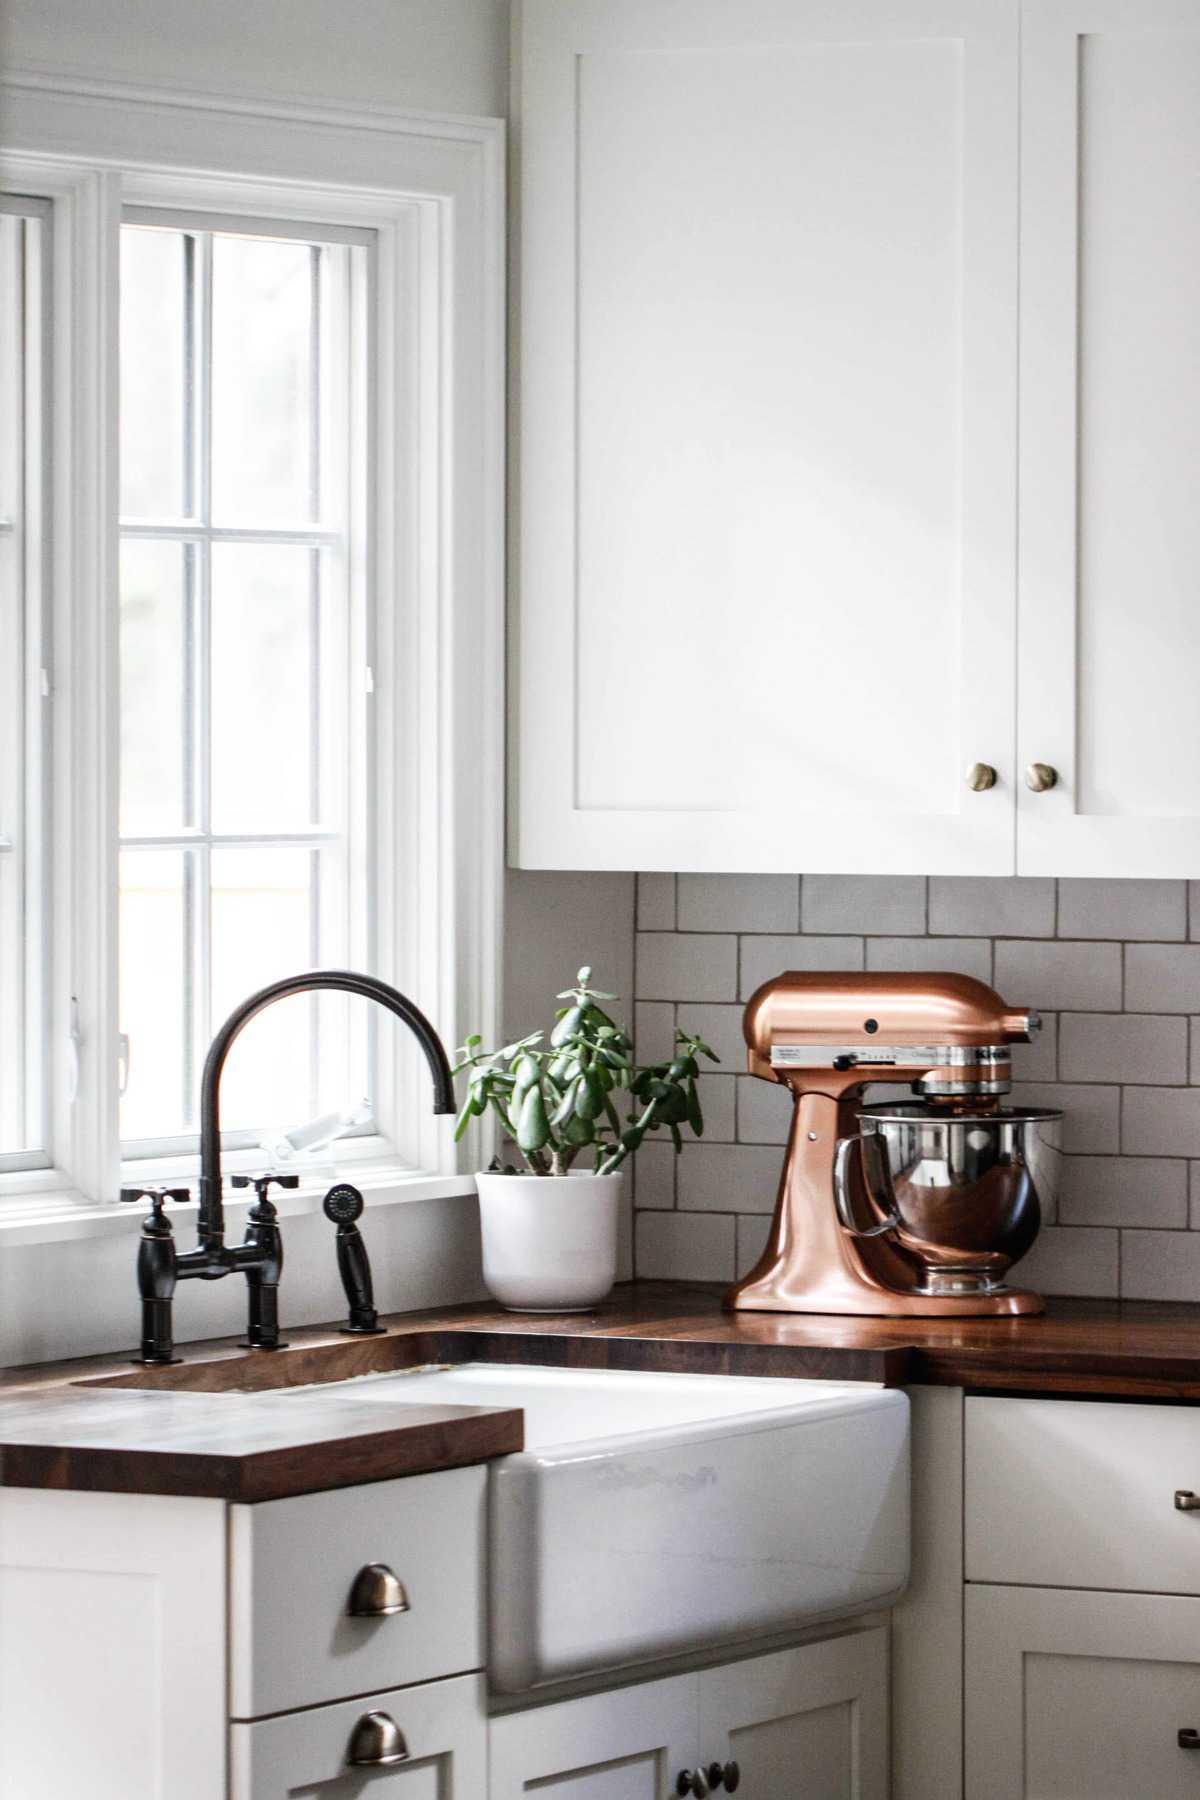 Kitchen Sink via @parkandoak